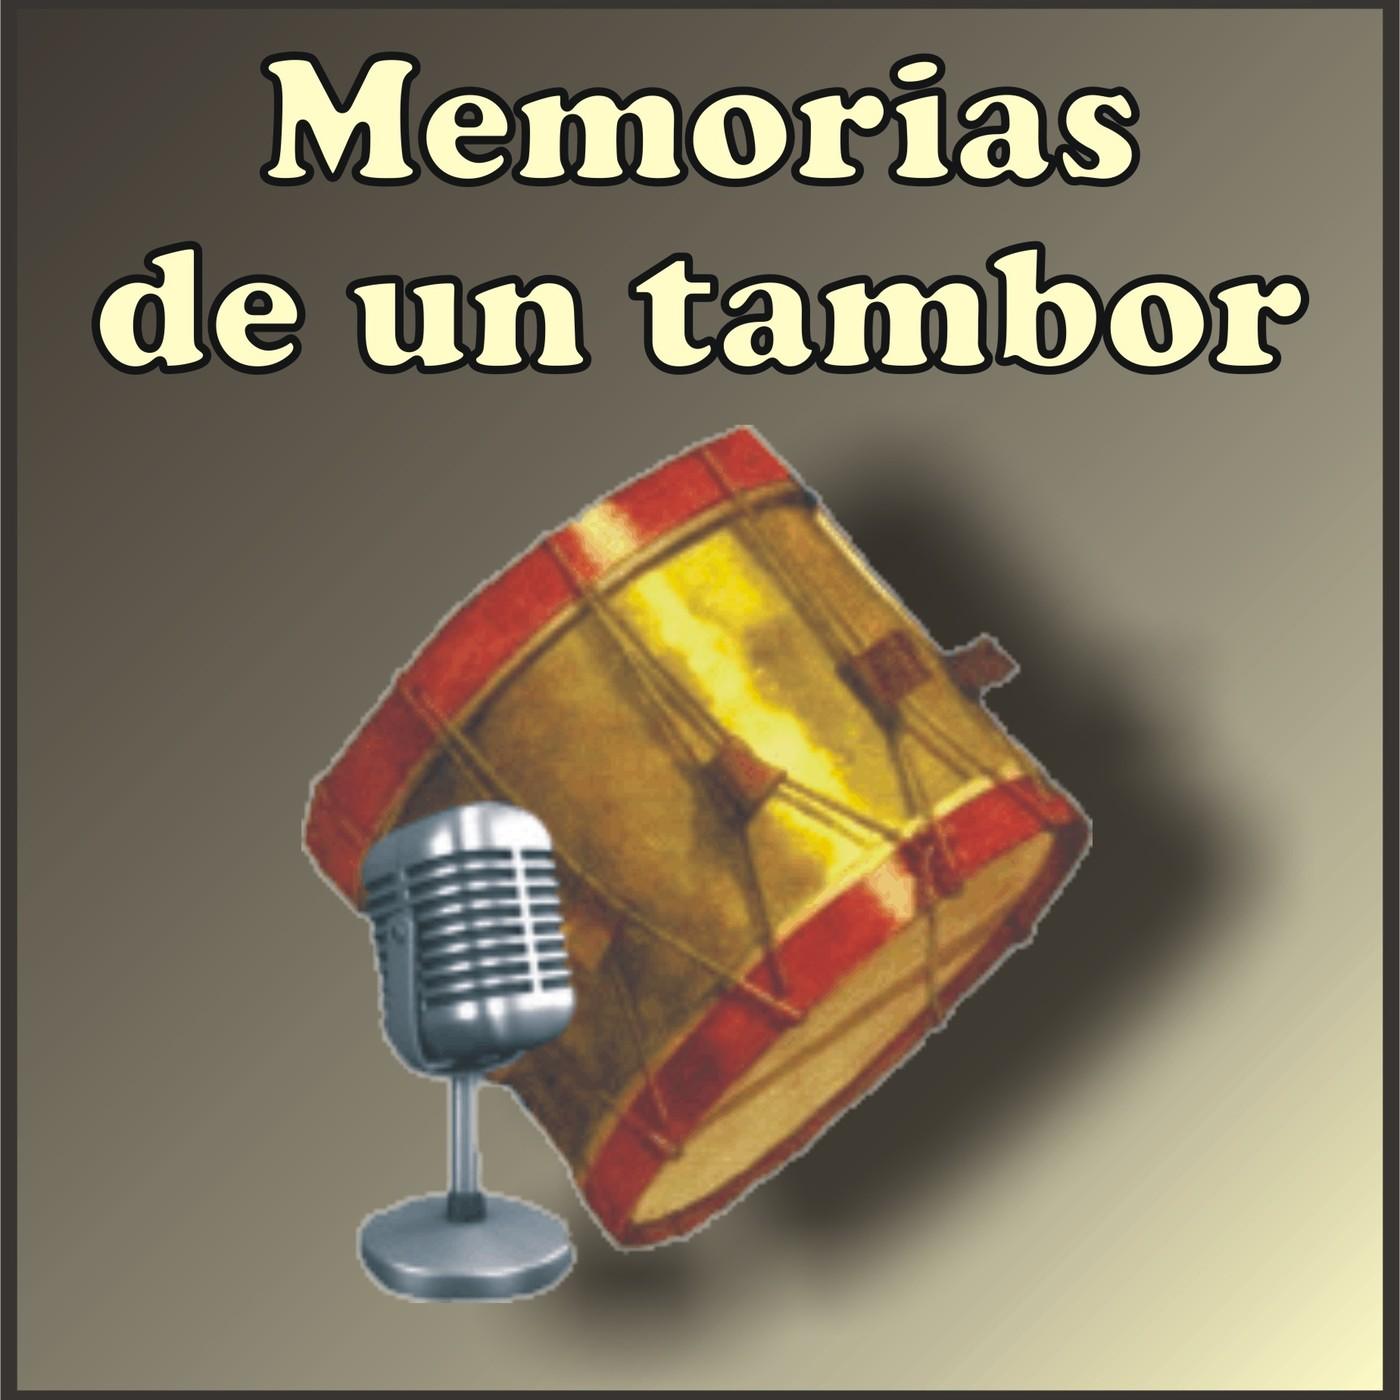 Memorias de un tambor